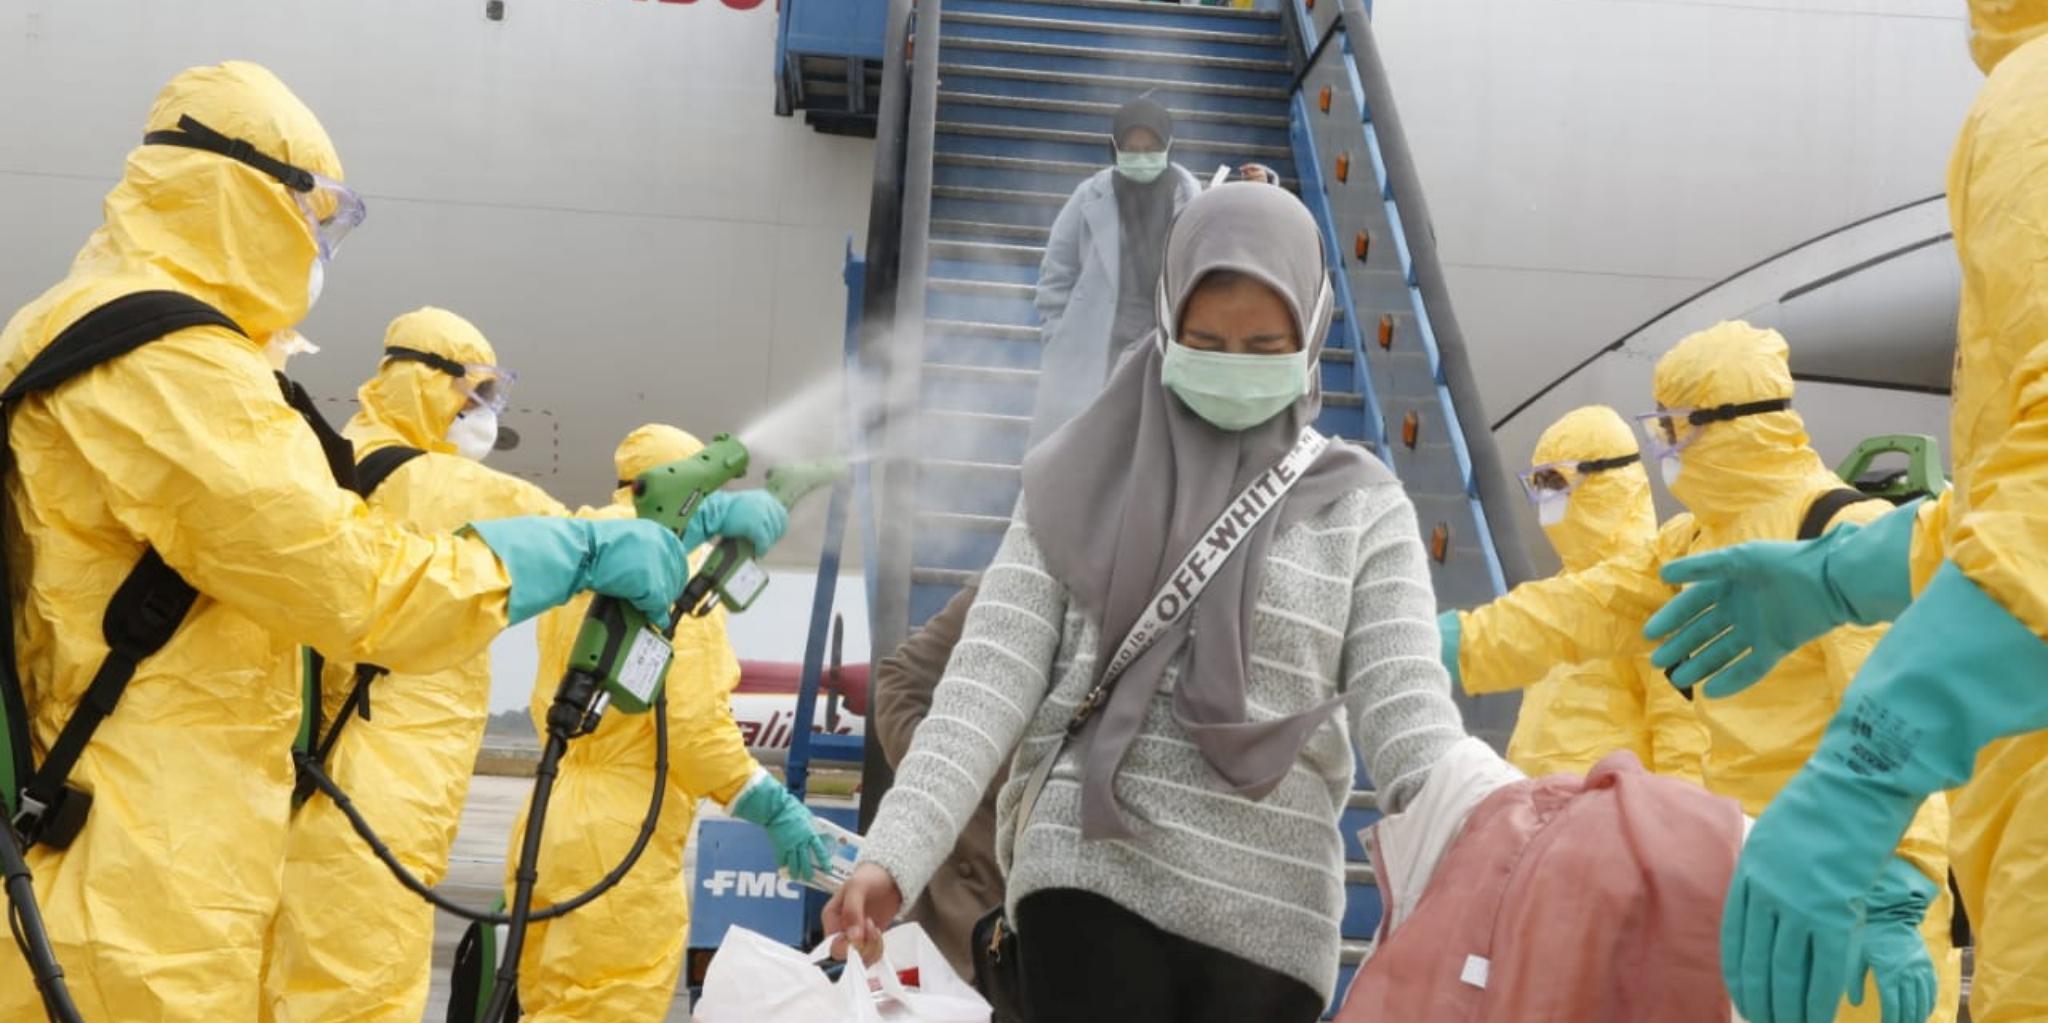 coronavirus-covid-19-des-medecins-diffusent-un-spray-antiseptique-sur-une-femme-rapatriee-de-chine-en-indonesie-le-2-fevrier-2020